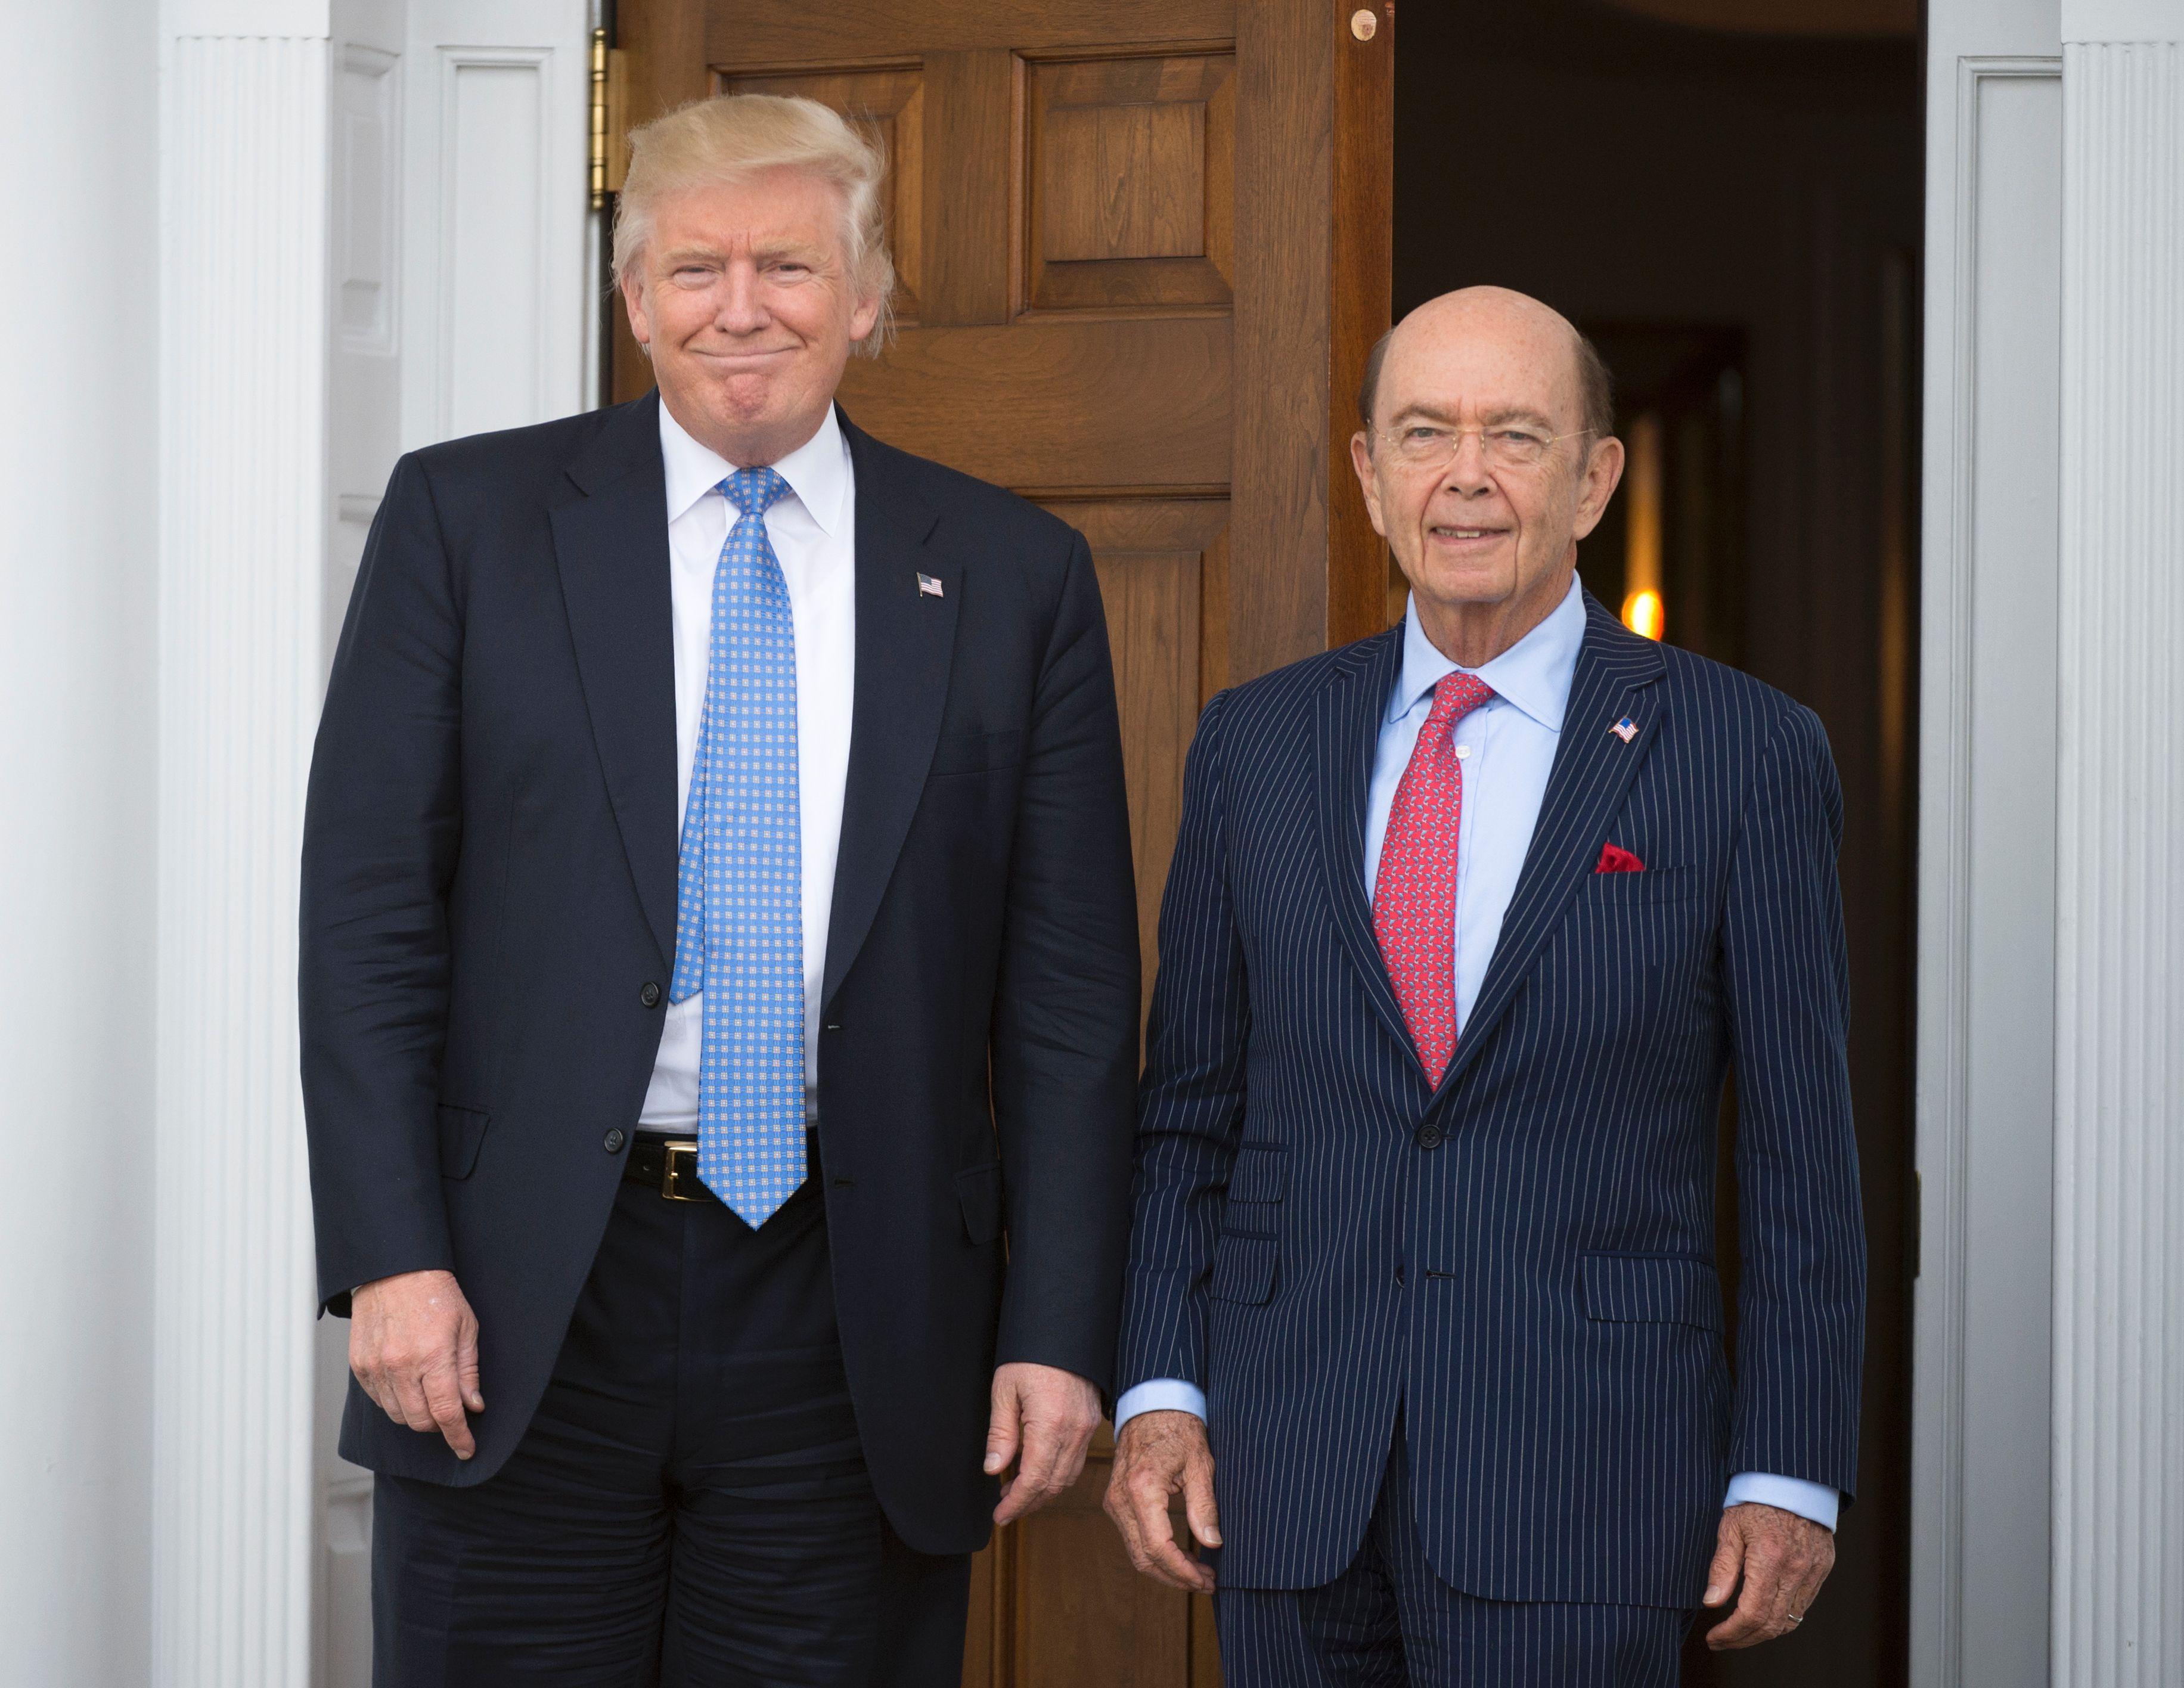 美國候任商務部長羅斯(右)在華爾街金融圈及企業界,是受人尊敬的成功投資者。(Drew Angerer/Getty Images)